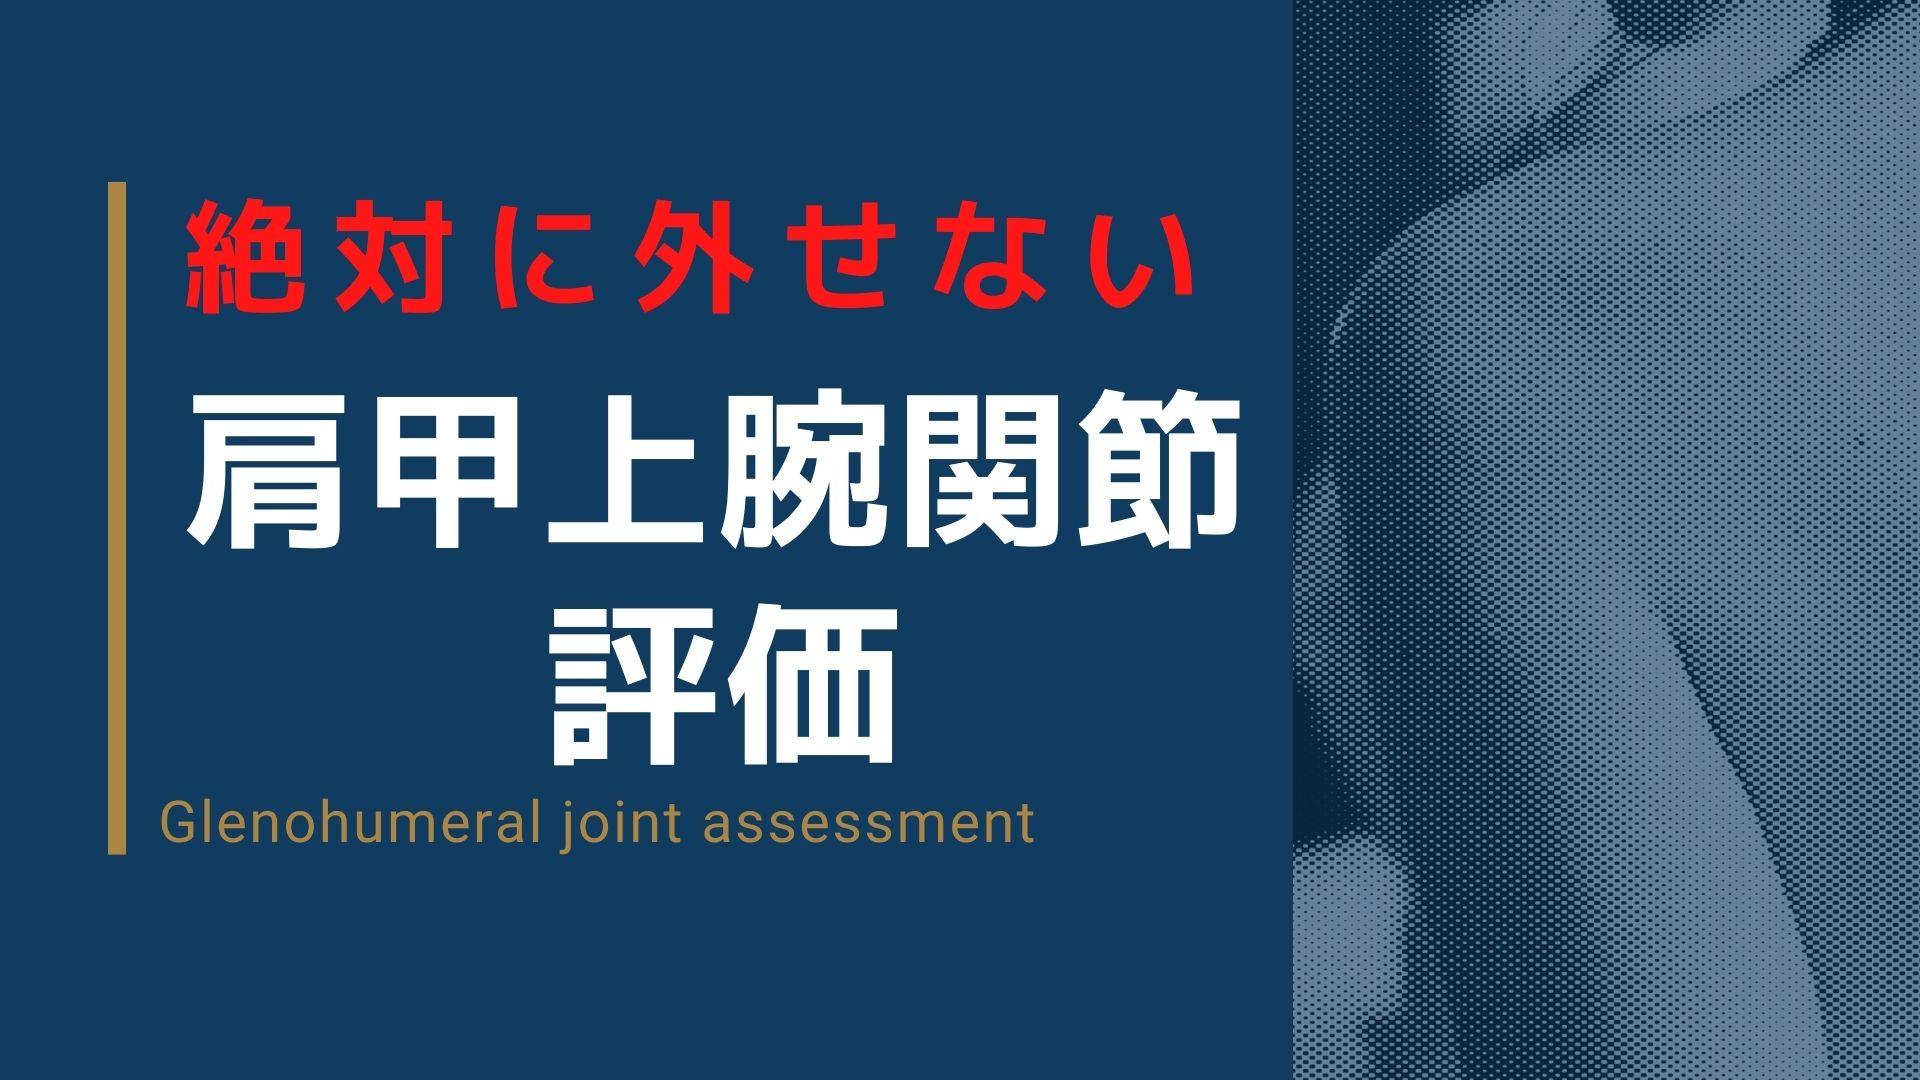 肩甲上腕関節の可動域の測定方法